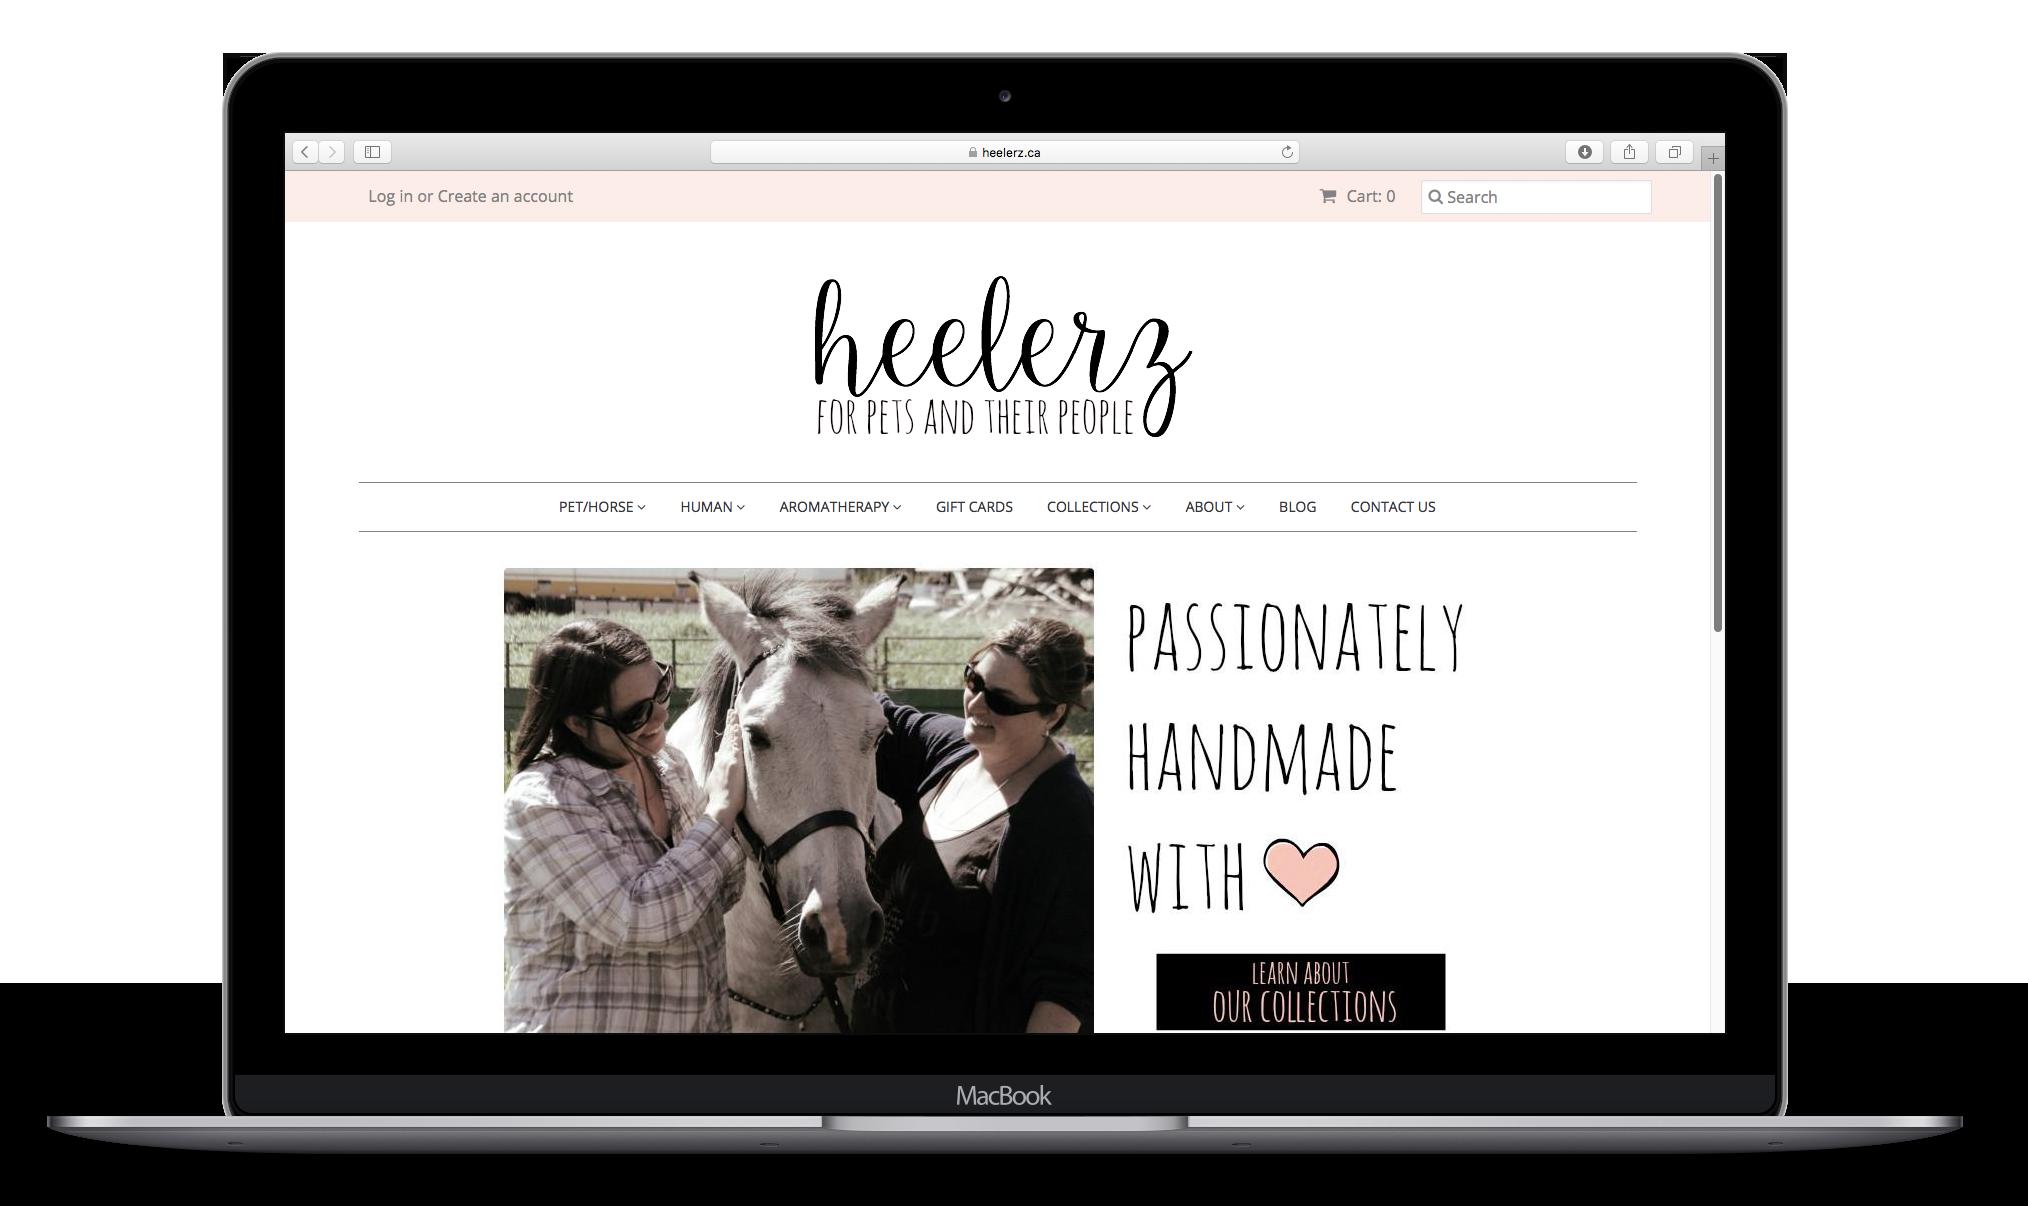 Heelerz Macbook Mockup.png